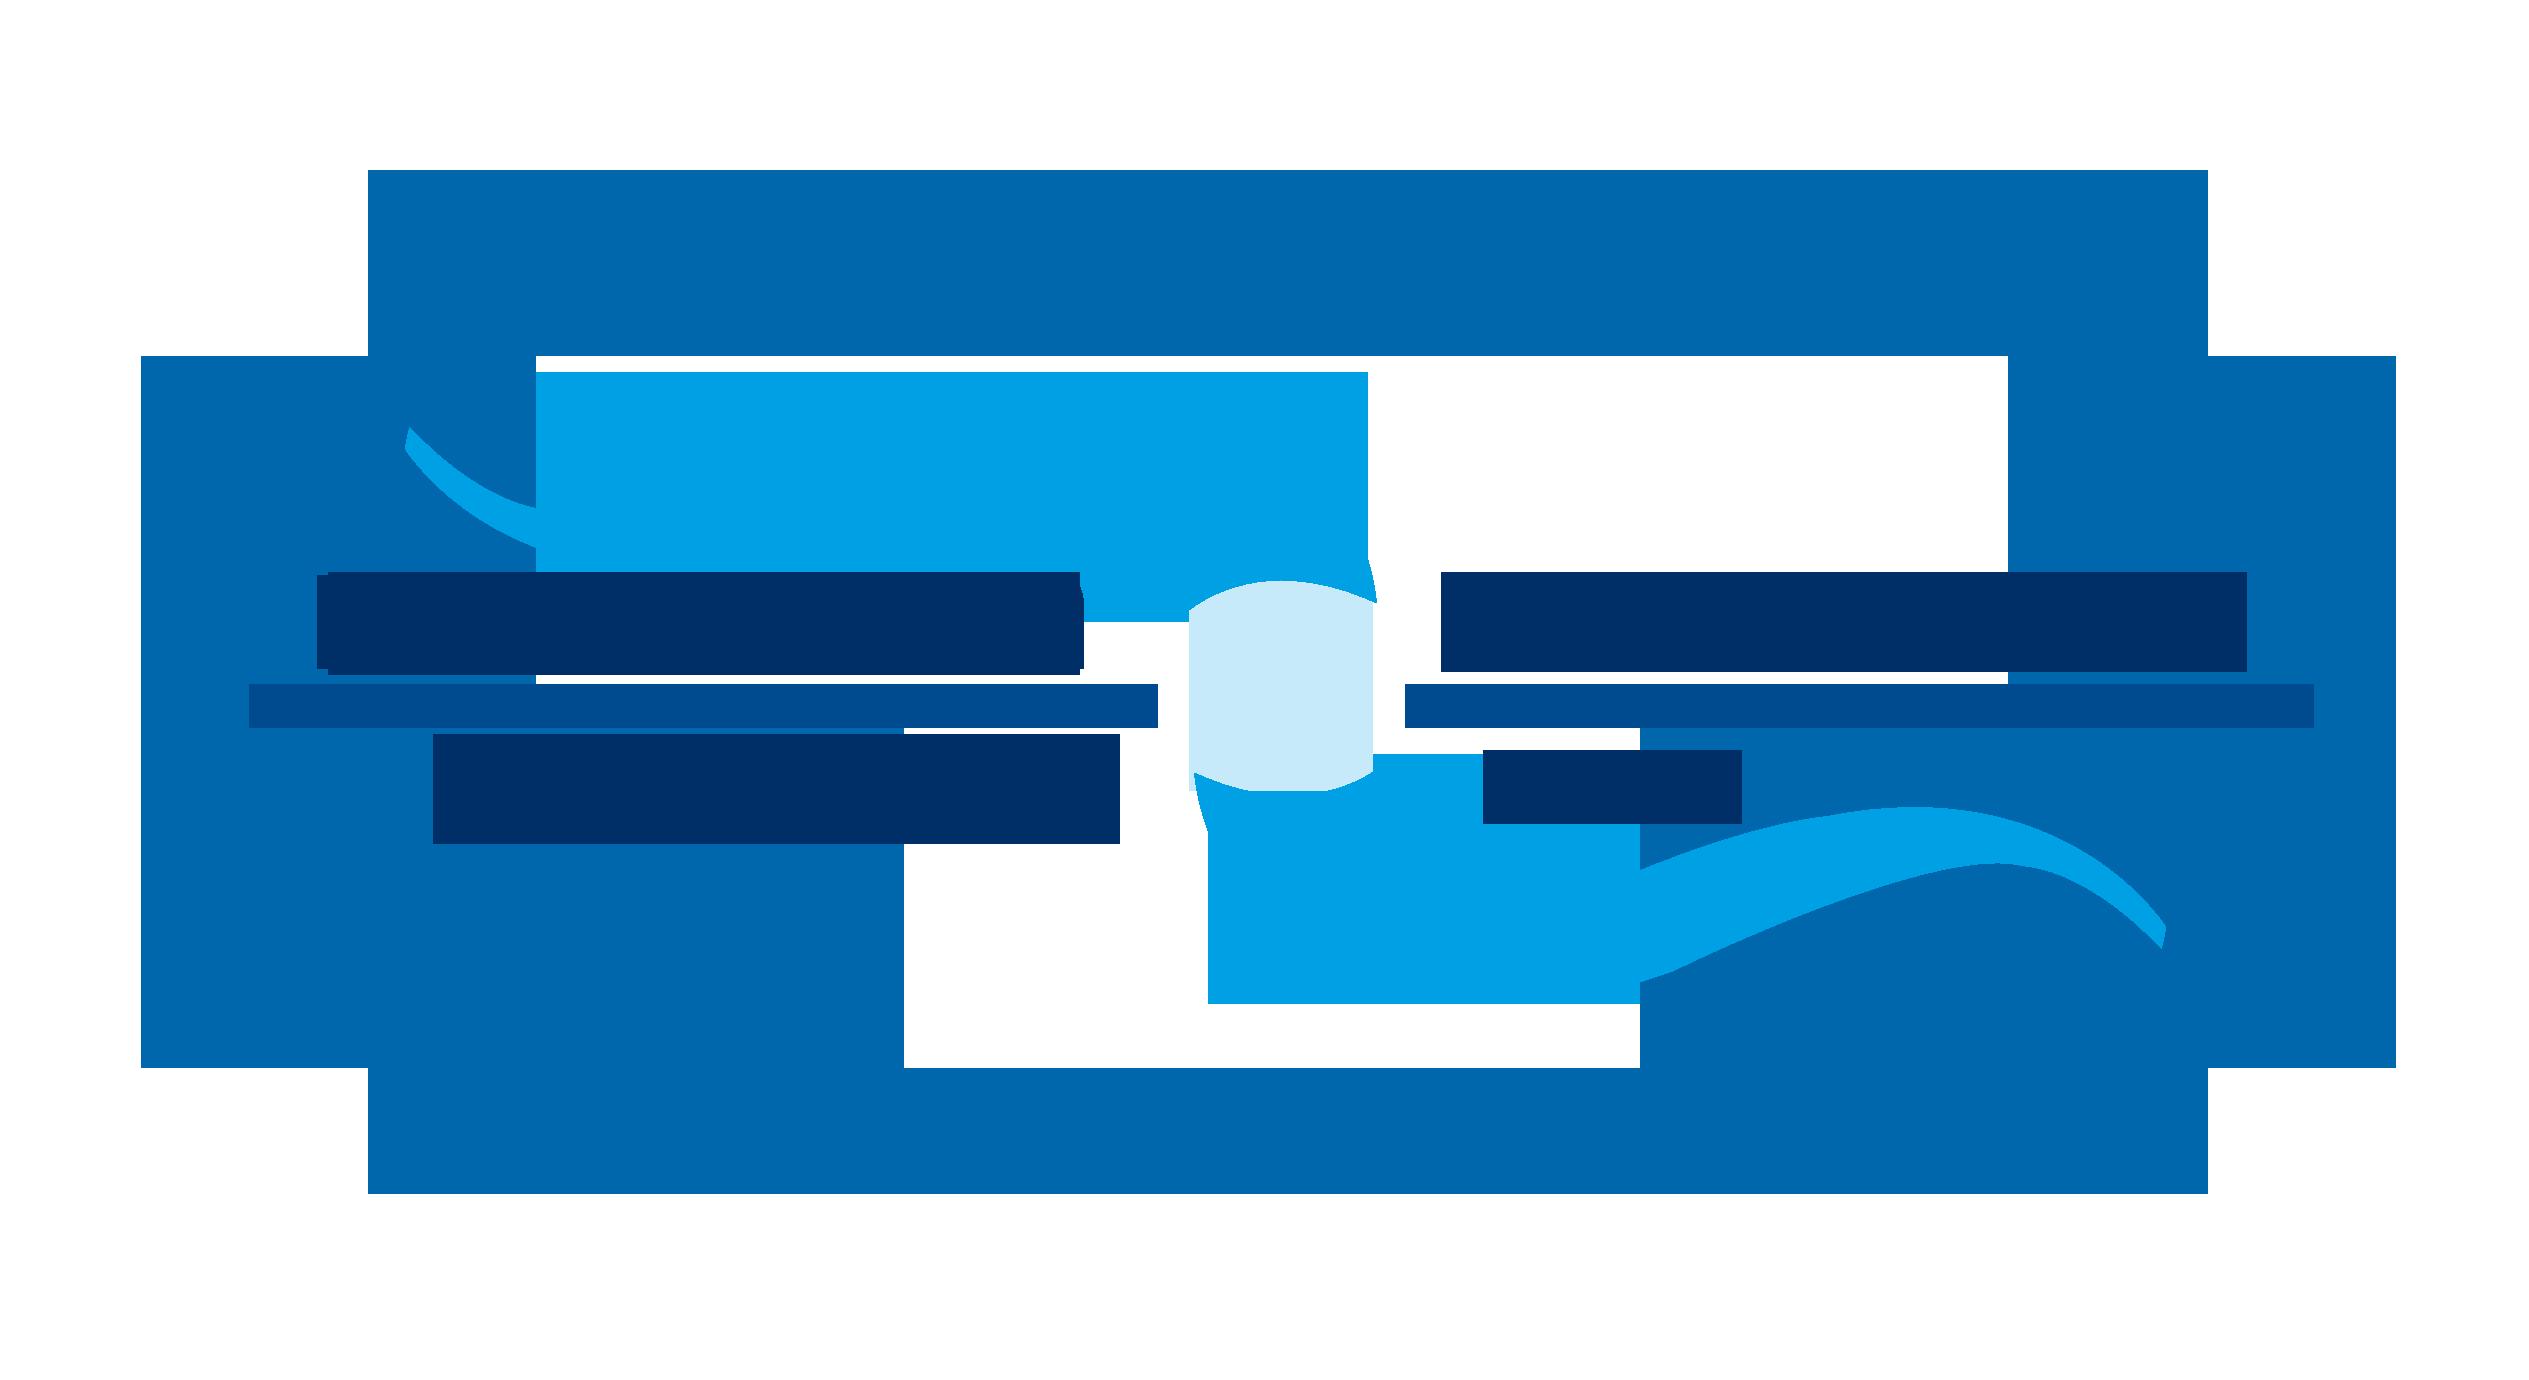 وبسایت هوا کنترل